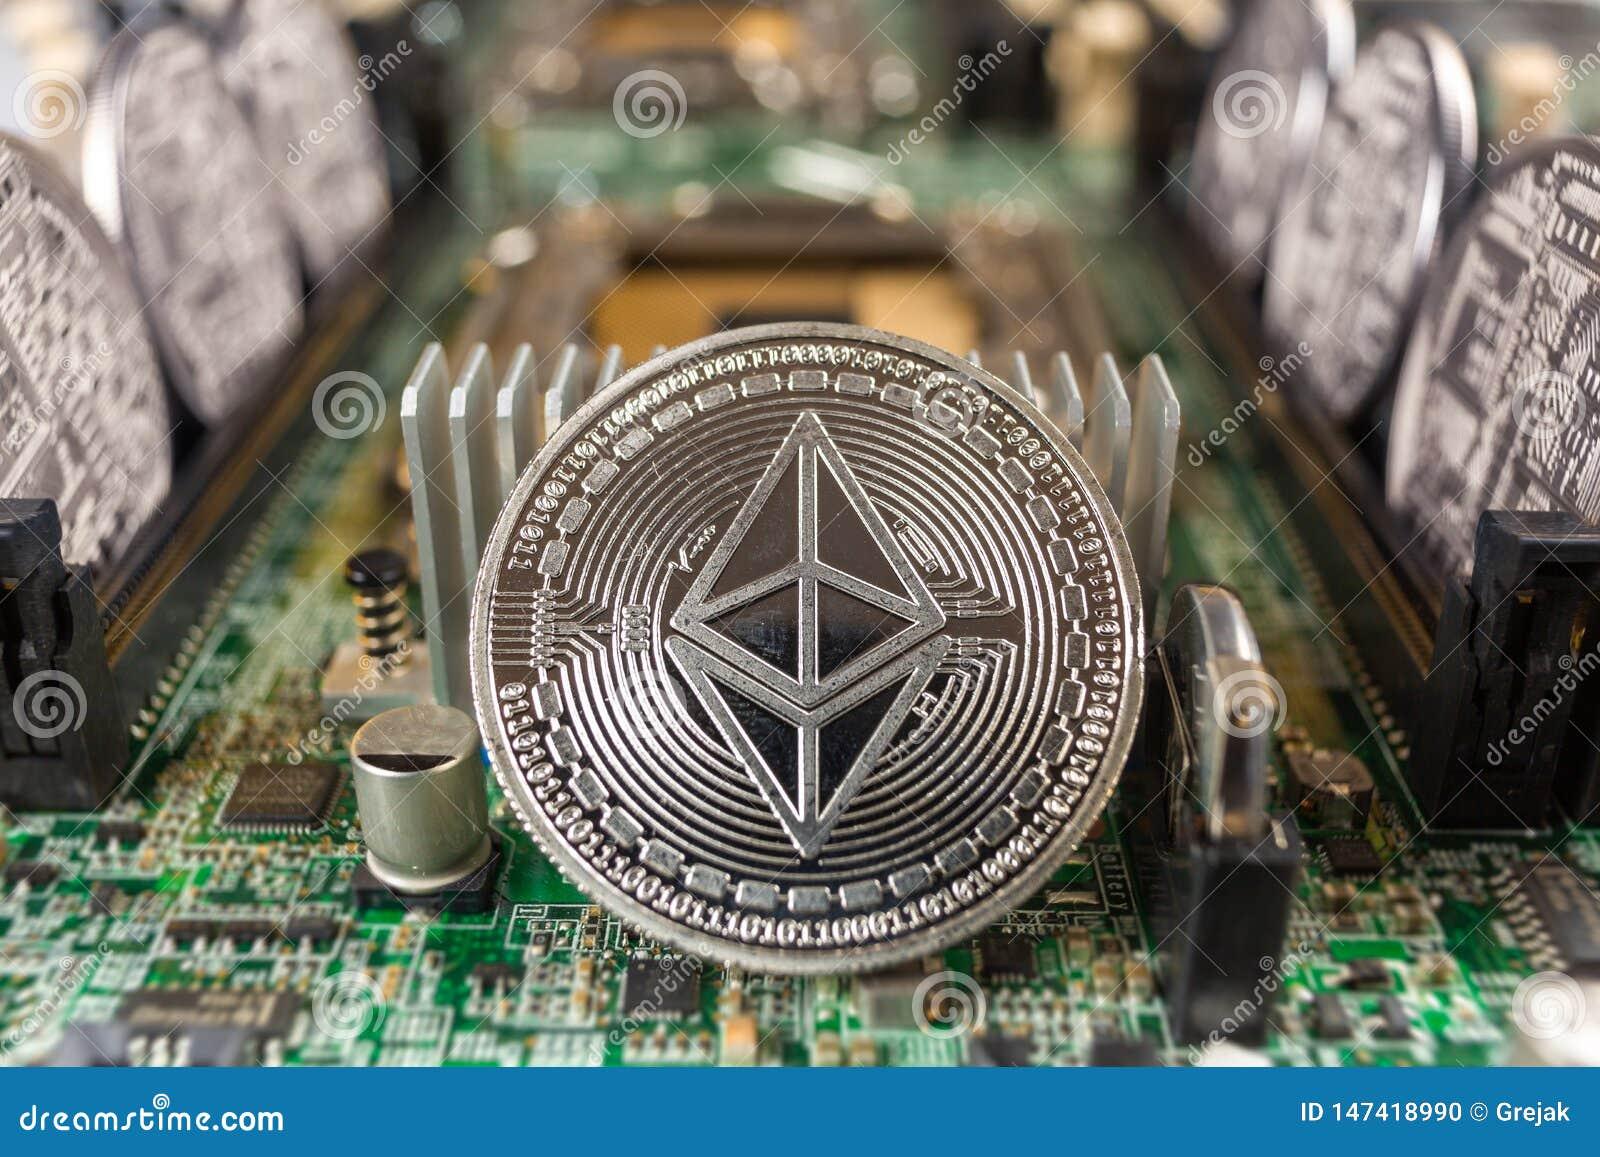 Ethereum moneta na technologia obwodzie